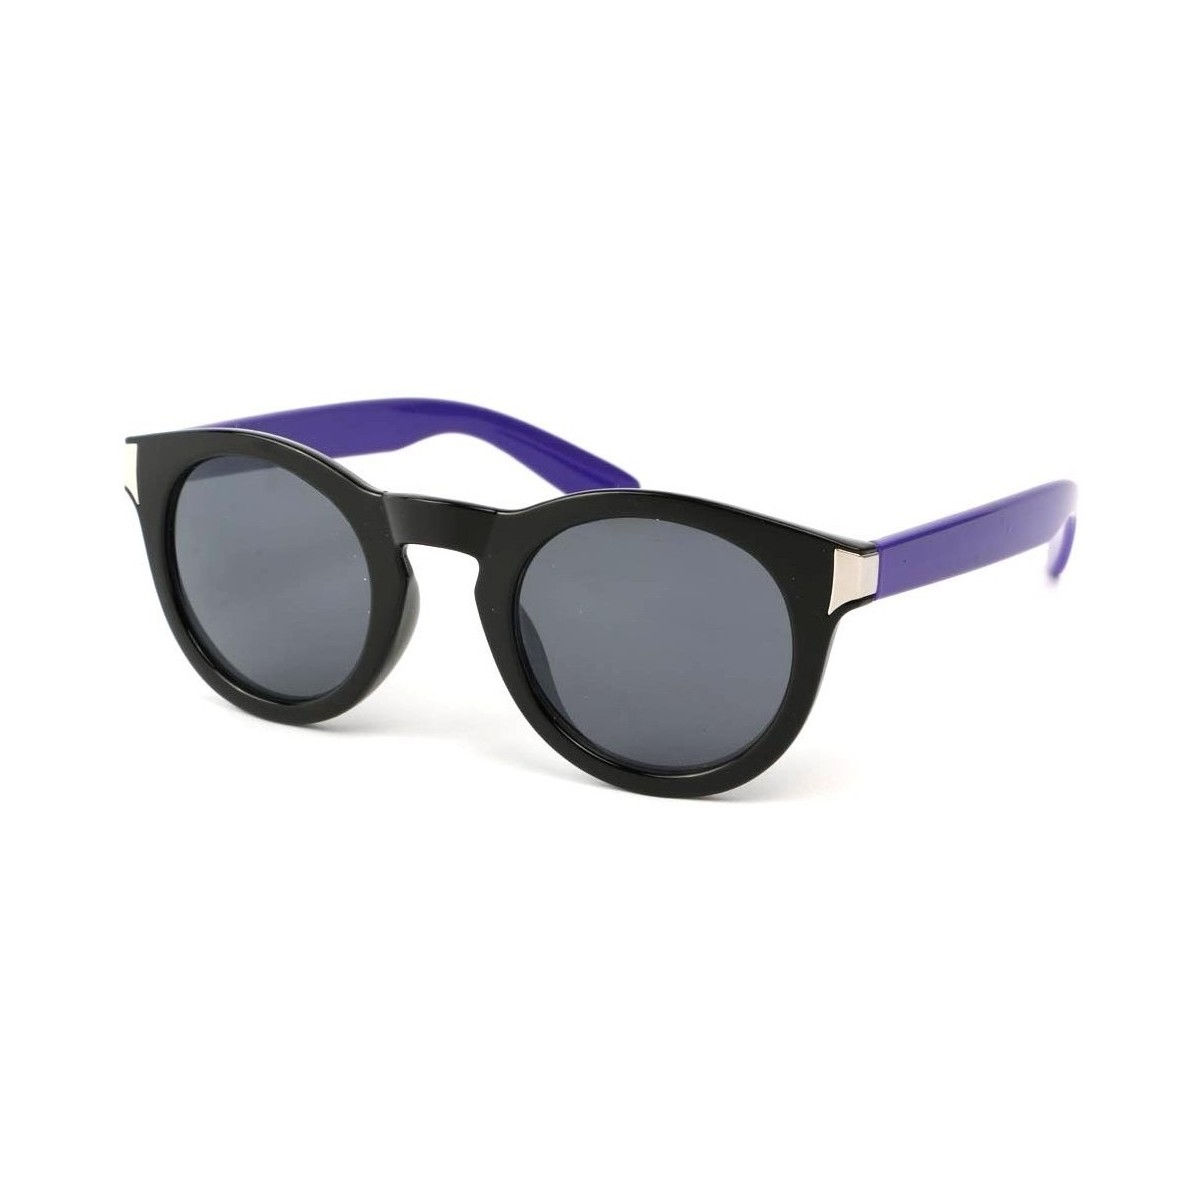 Eye Wear Lunettes Soleil Really avec monture noire et Violette Noir